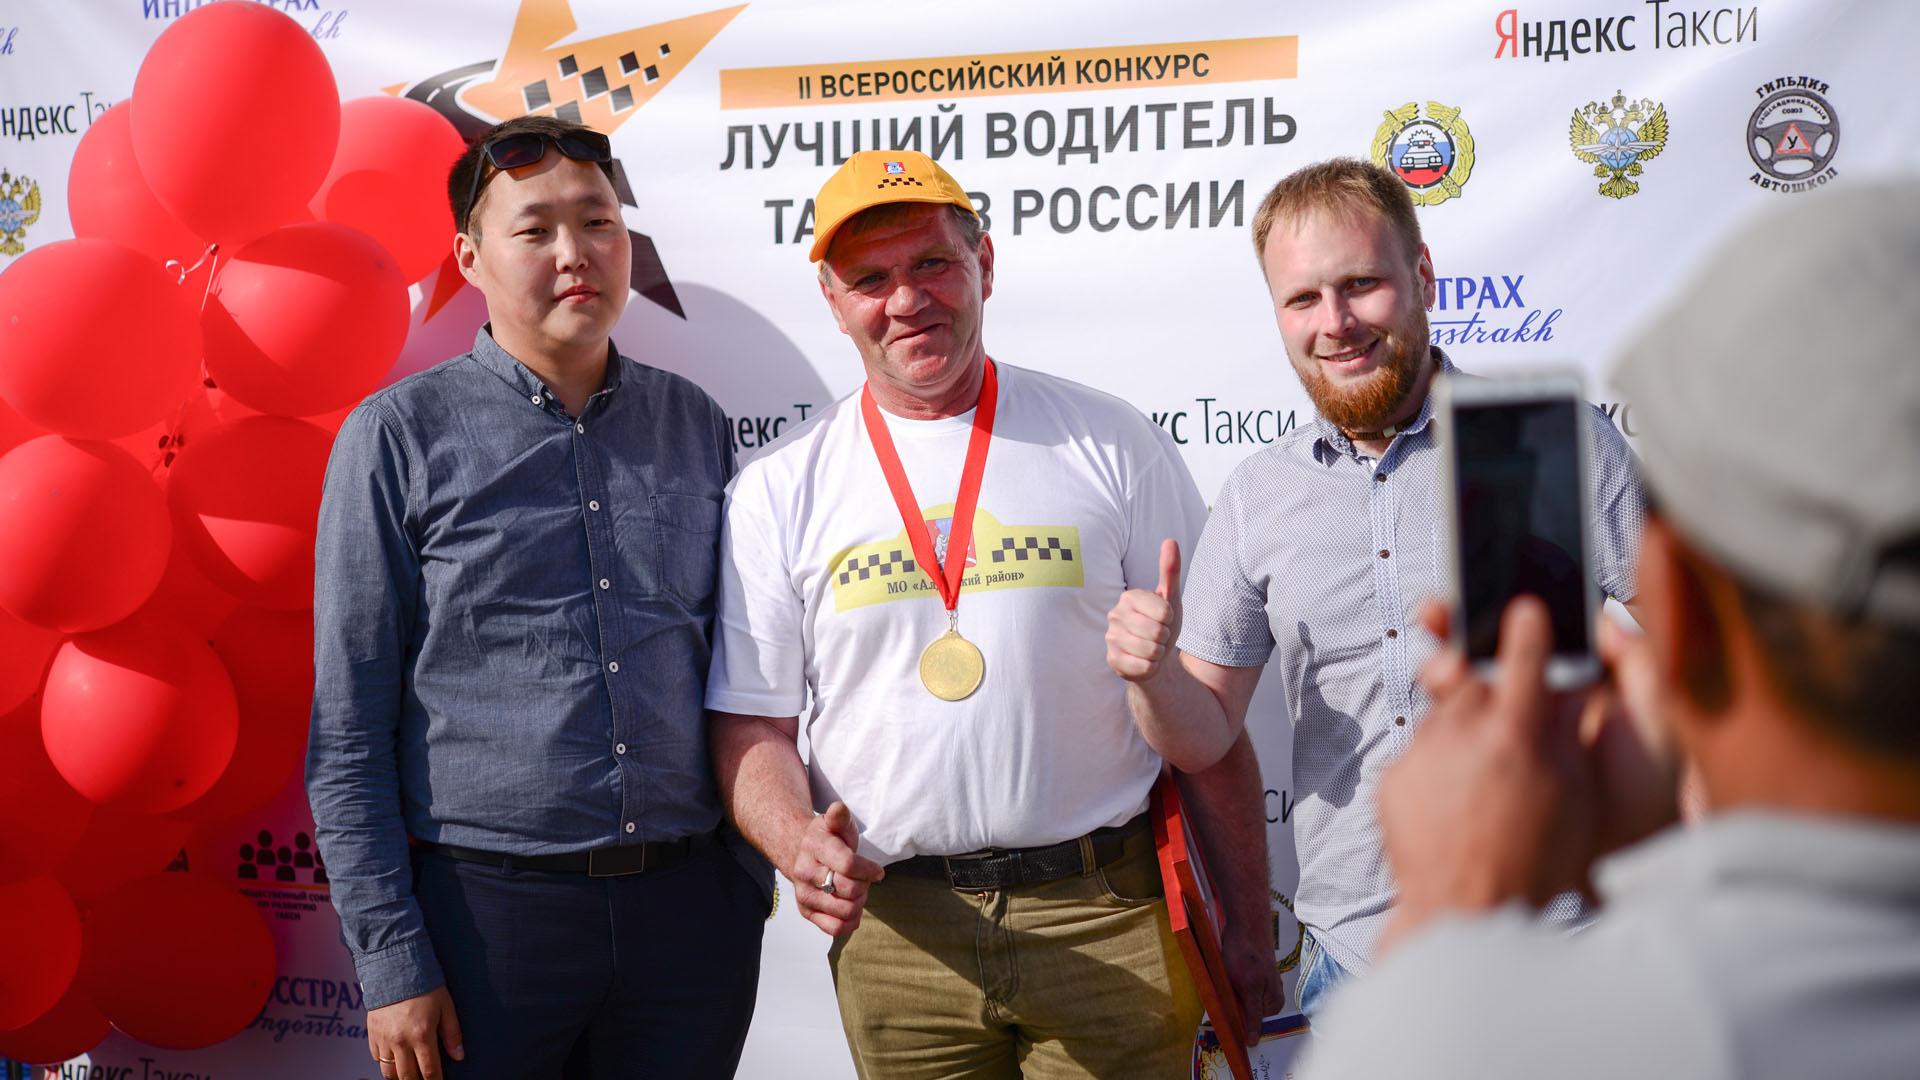 Якутск ТВ: в республике выбрали лучшего водителя такси